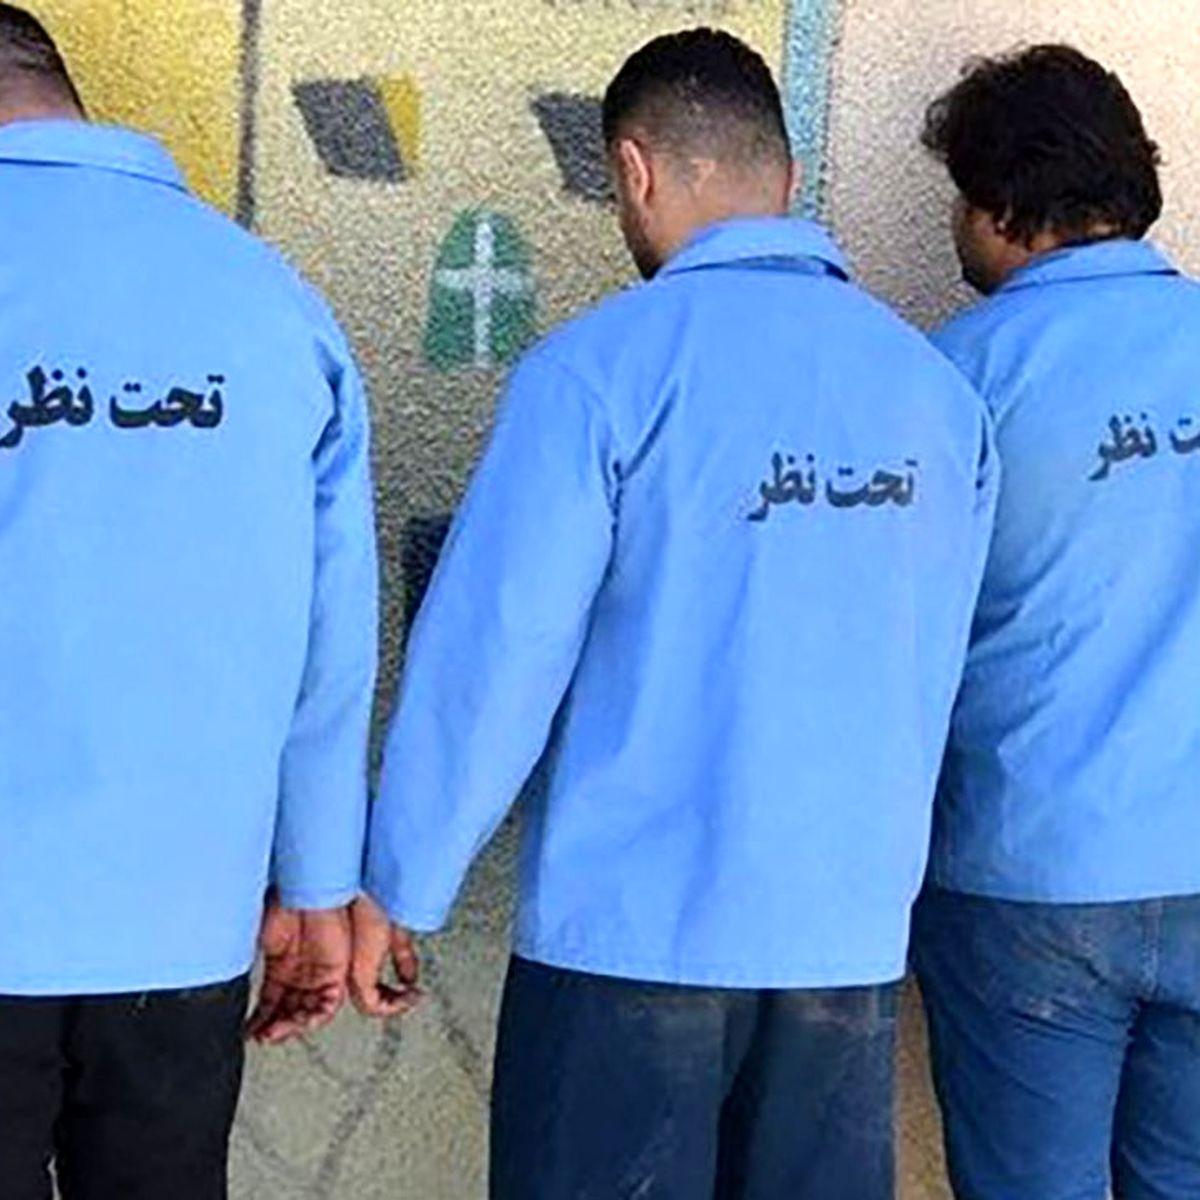 عوامل تیراندازی بیمارستان طالقانی کرمانشاه دستگیر شدند